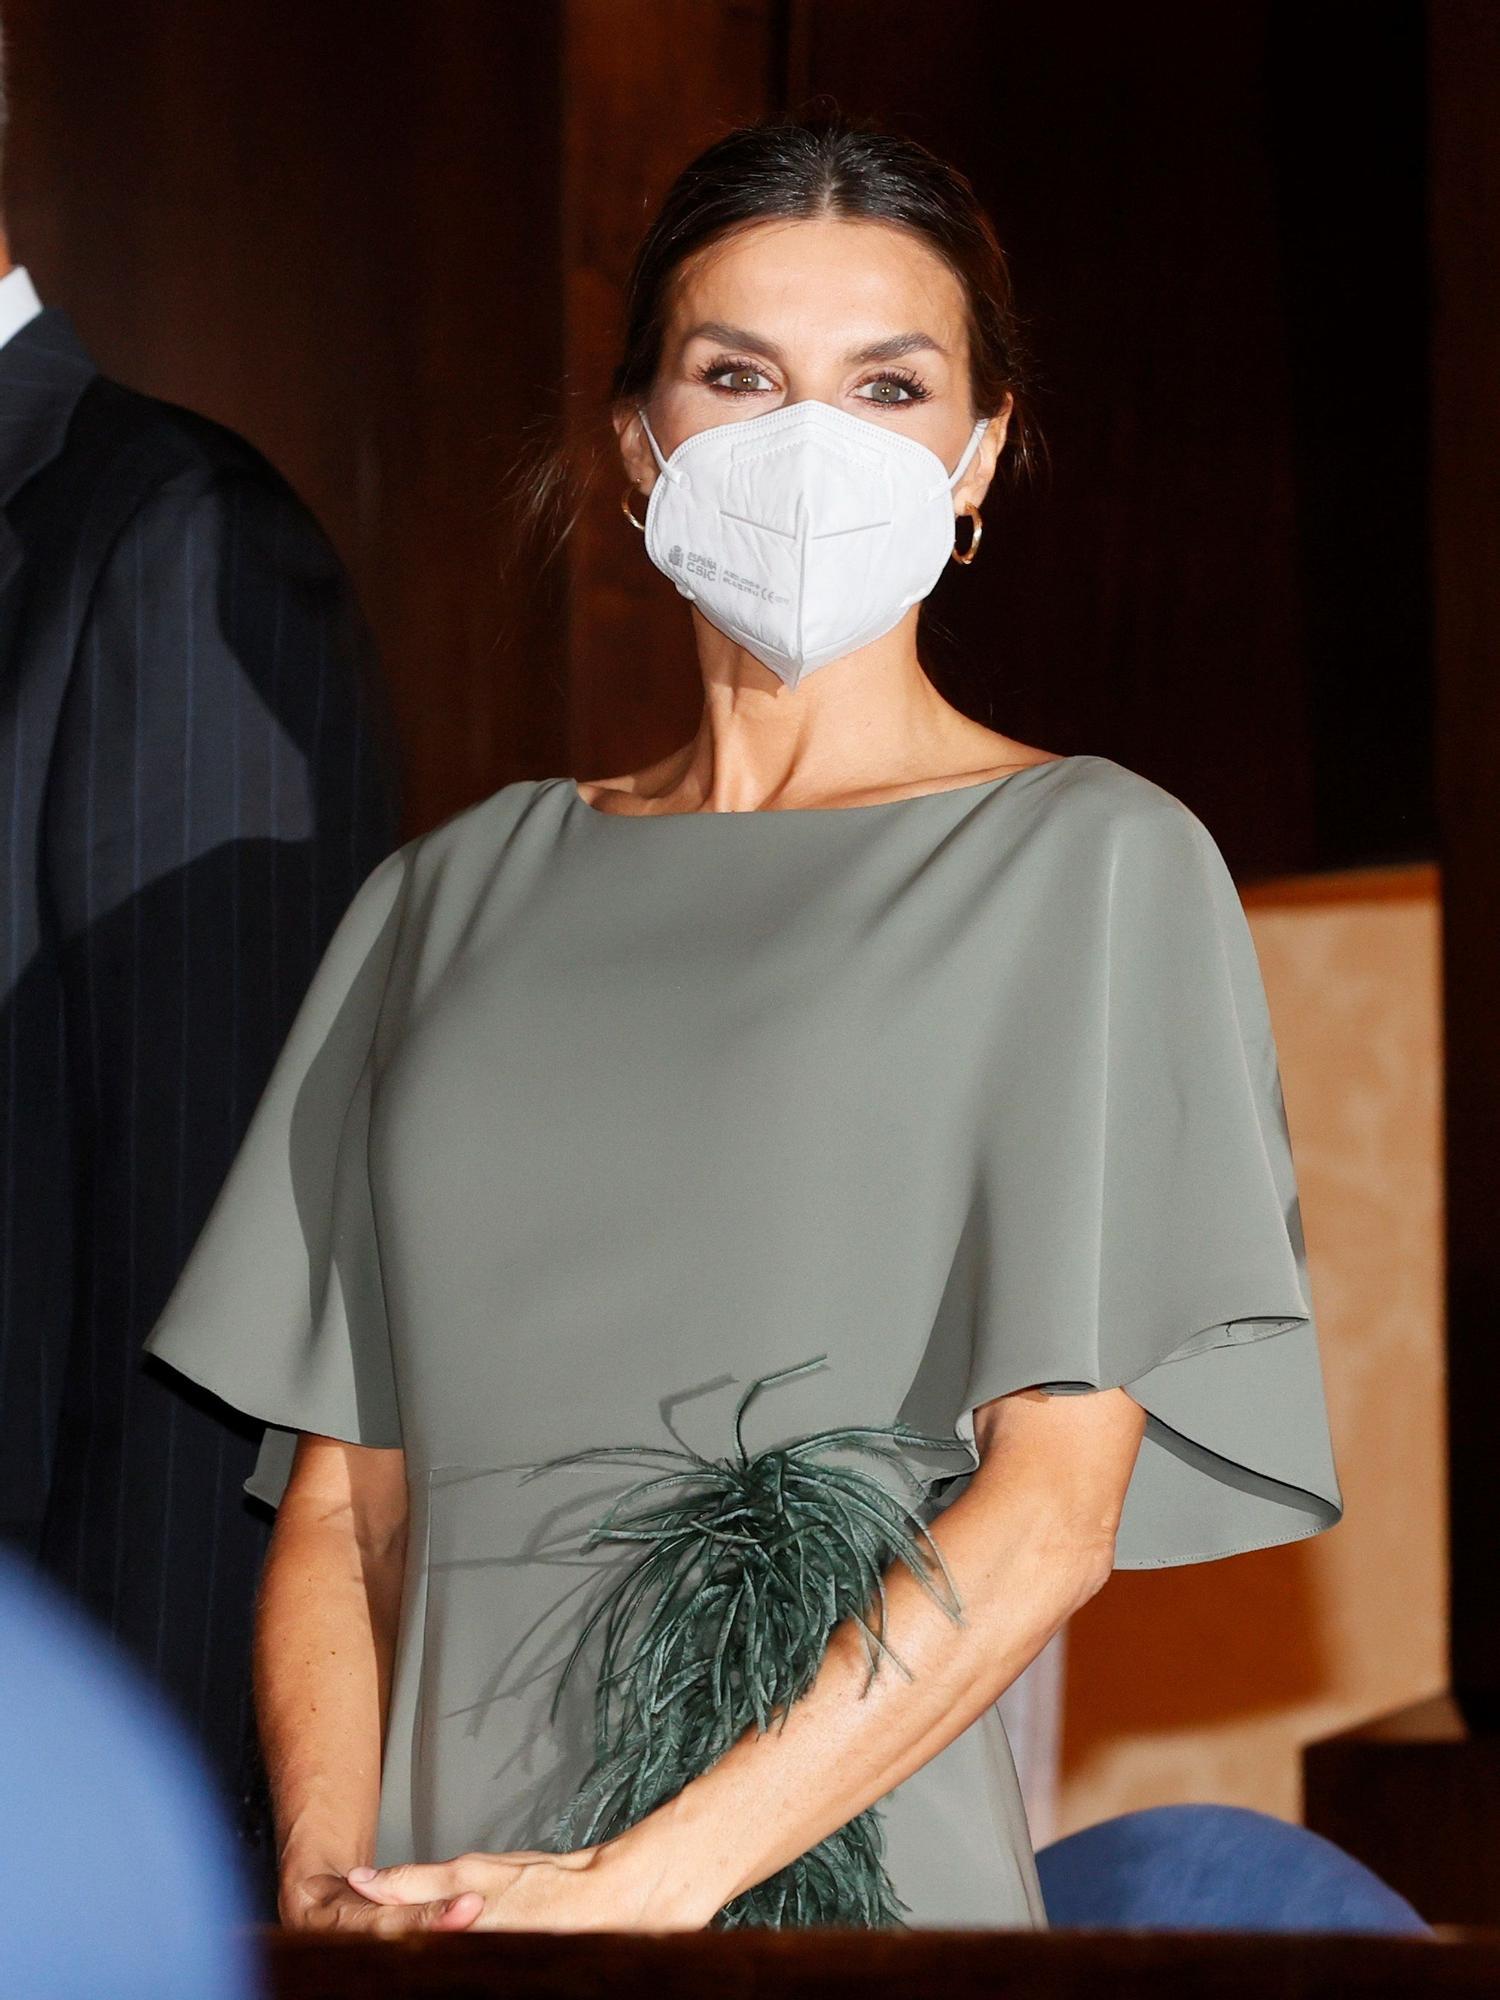 El look rompedor de la reina Letizia en el concierto de los Premios Princesa de Asturias